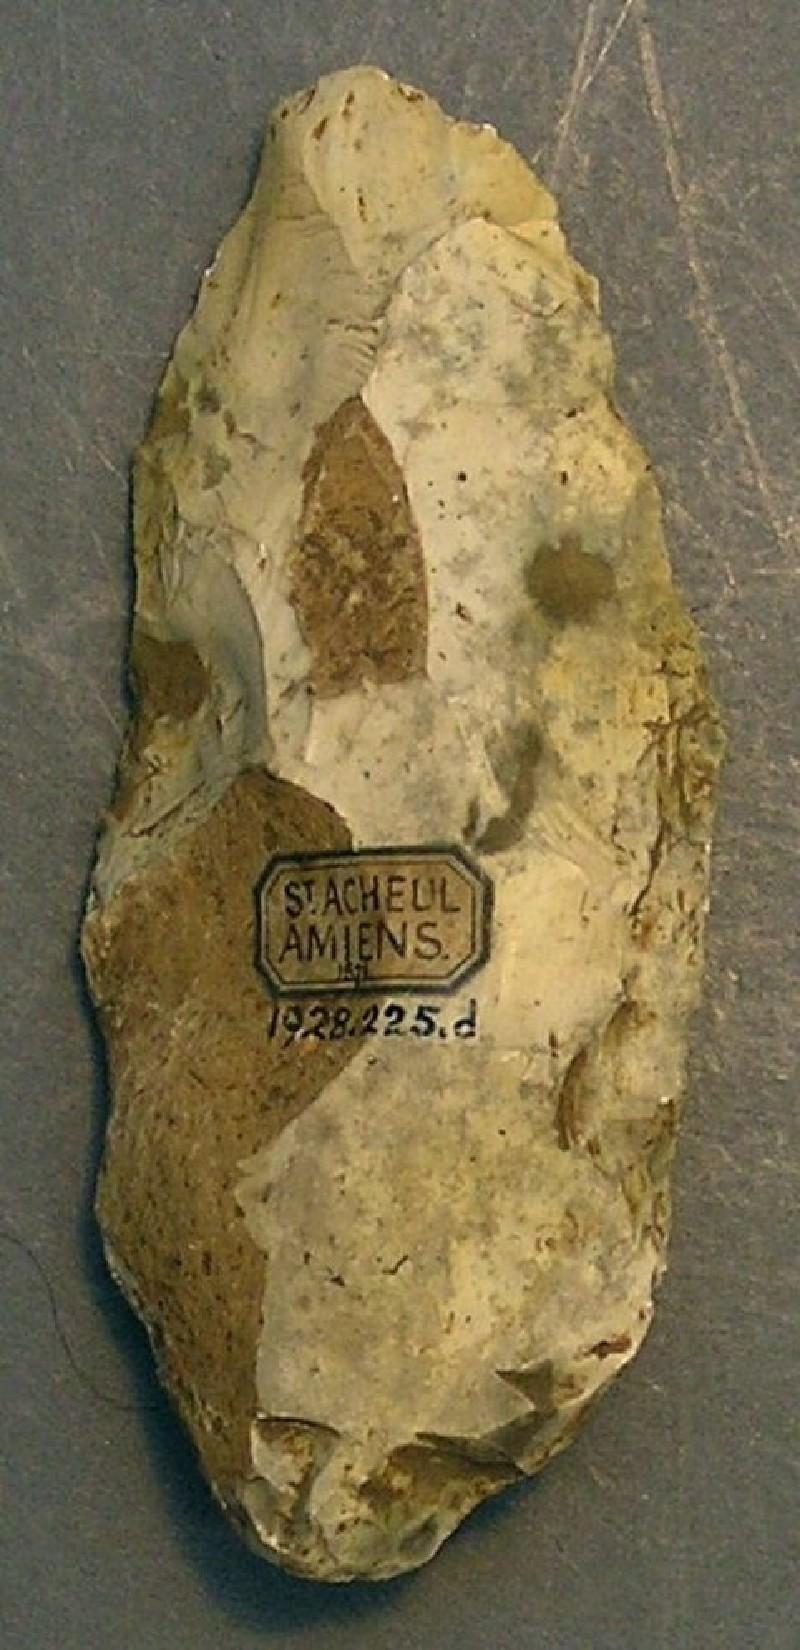 (AN1928.225.d, record shot)